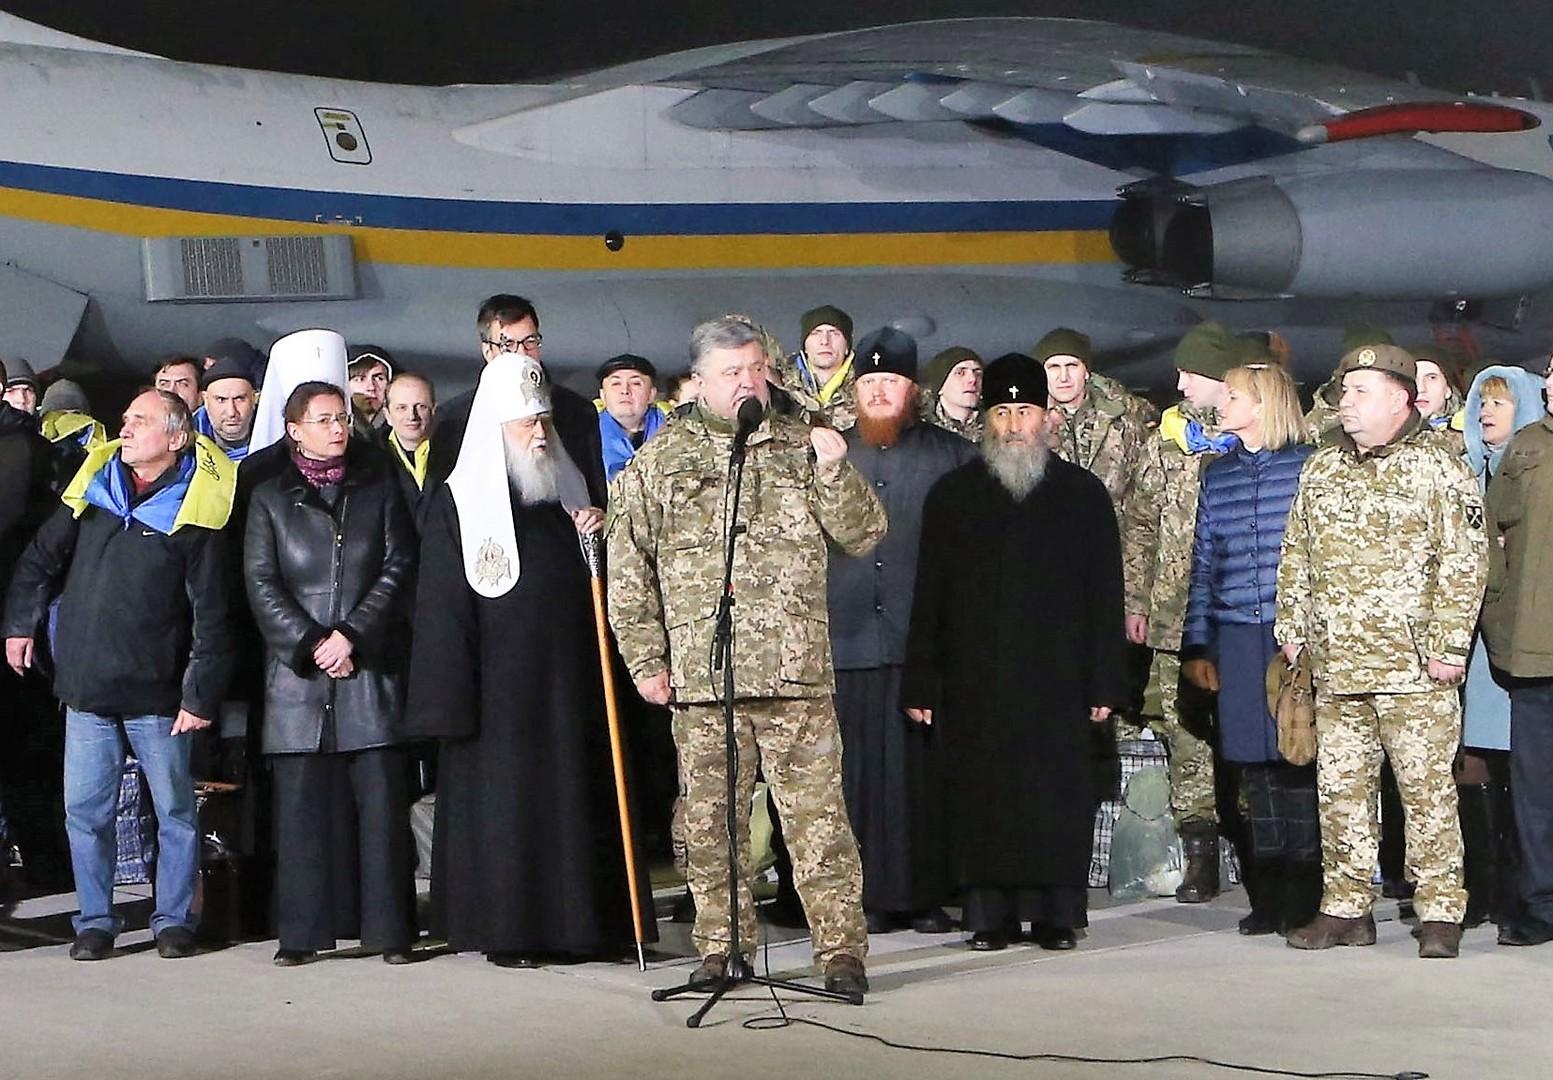 Gefangenenaustausch im deutschen Fernsehen: Propaganda für Merkel - Show für Poroschenko